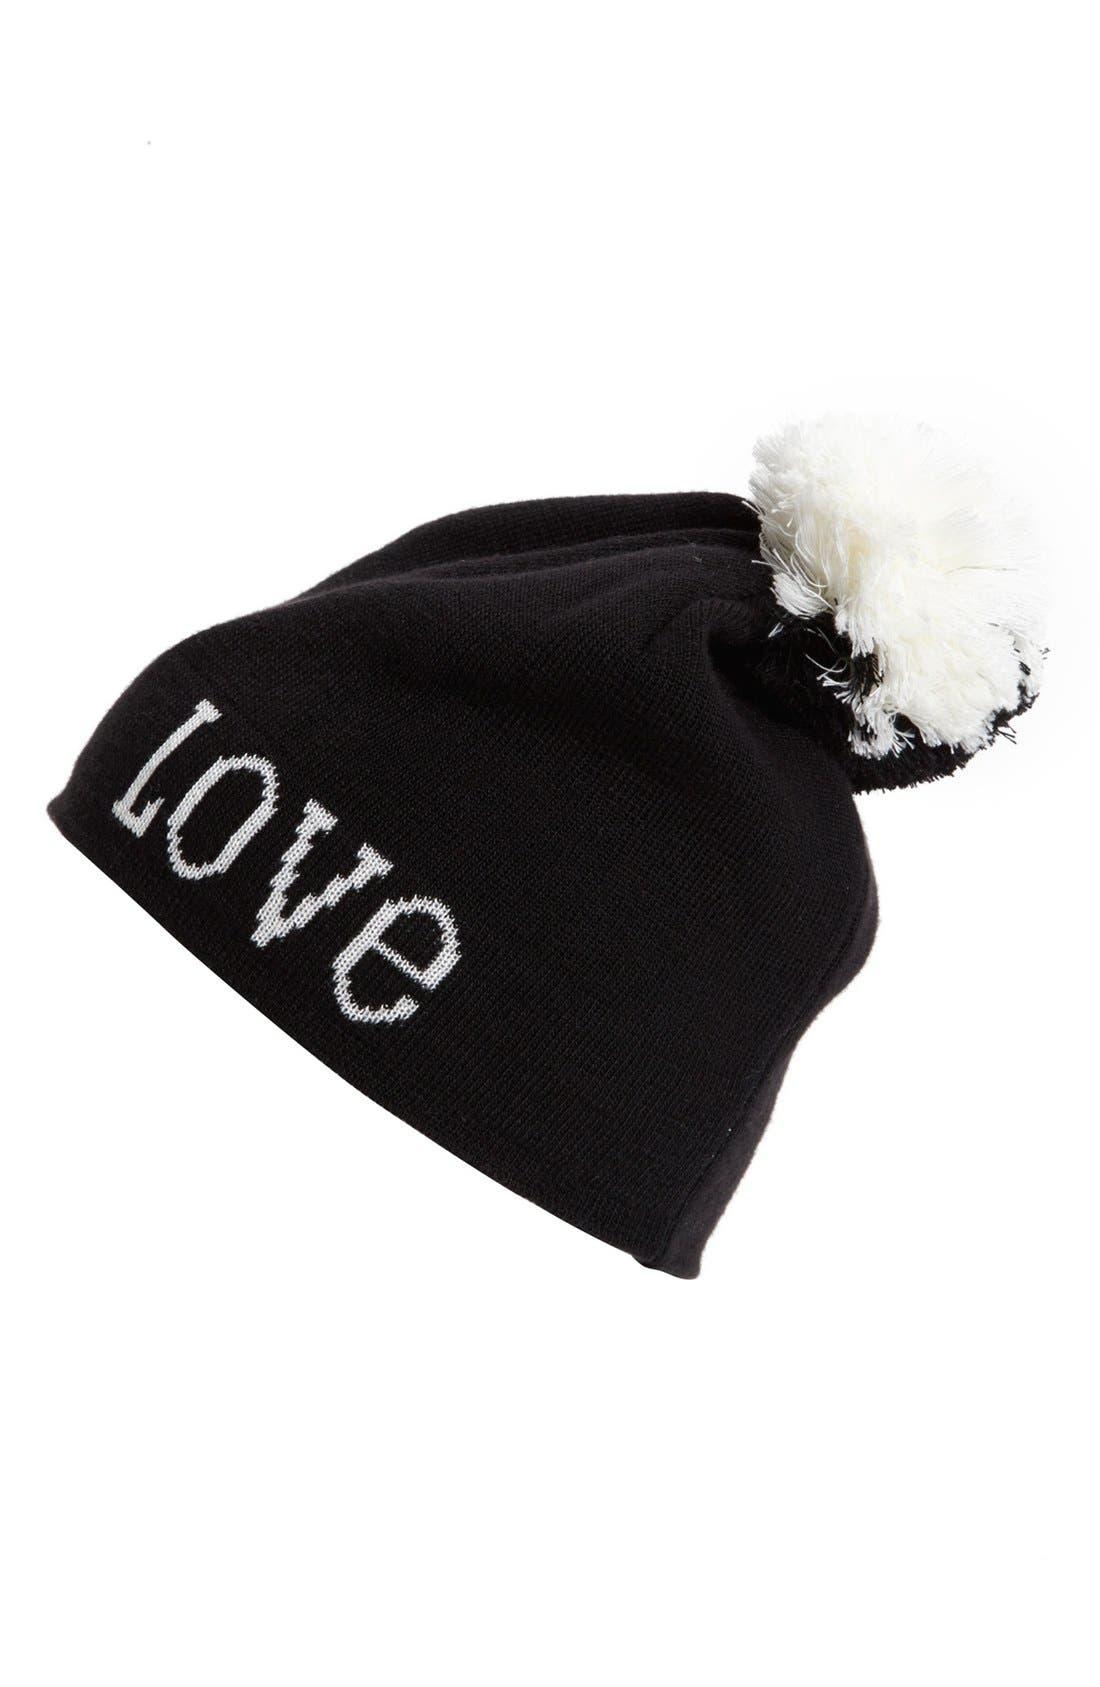 Main Image - Jonathan Adler 'Love' Knit Beanie